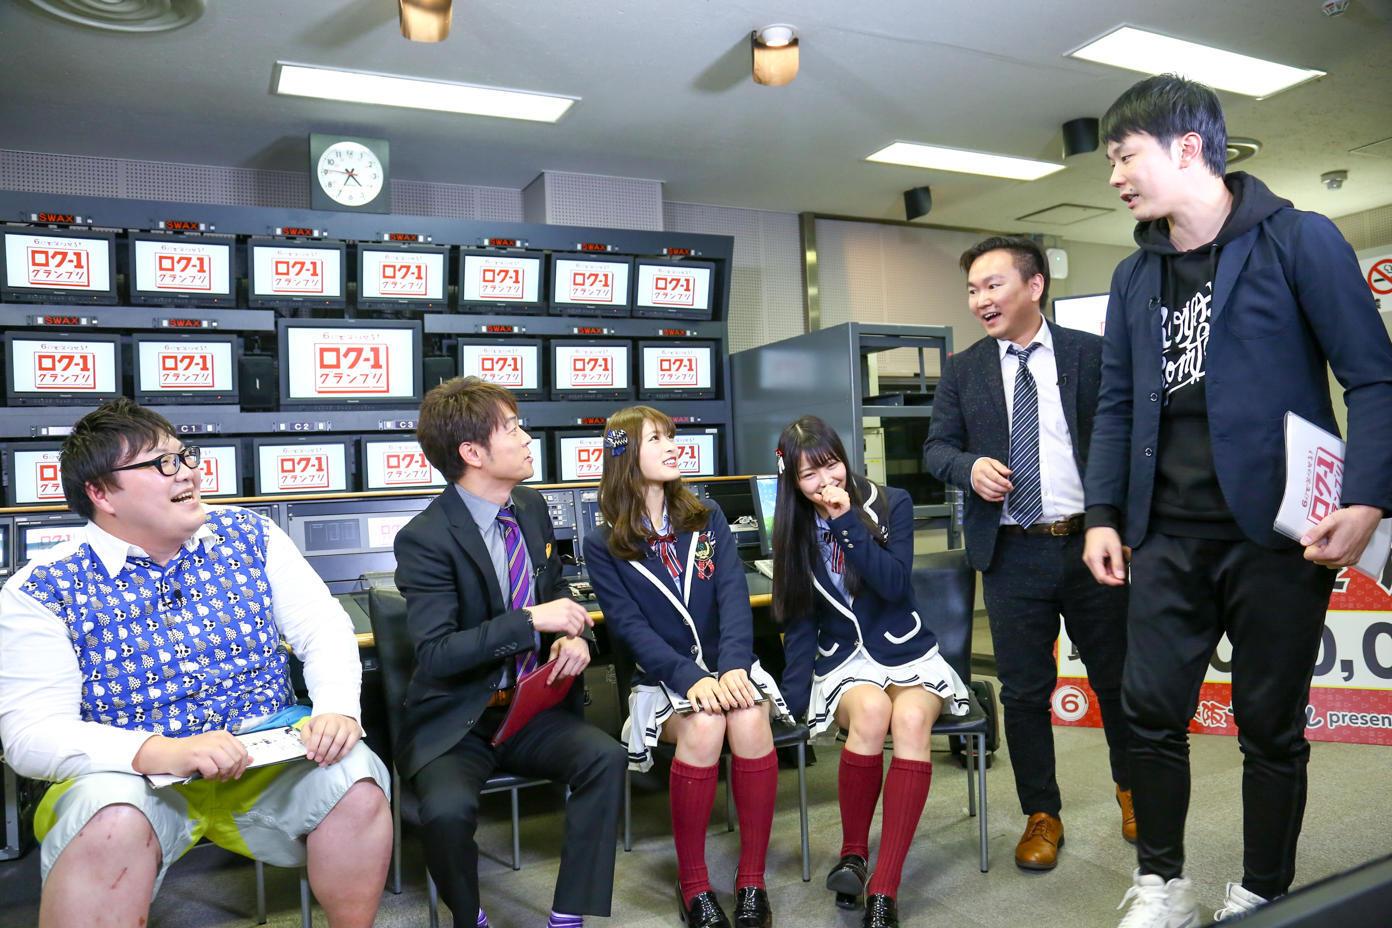 http://news.yoshimoto.co.jp/20171029201032-a6213c13fbcd7c225bcaae163a1c98cc758ee703.jpg